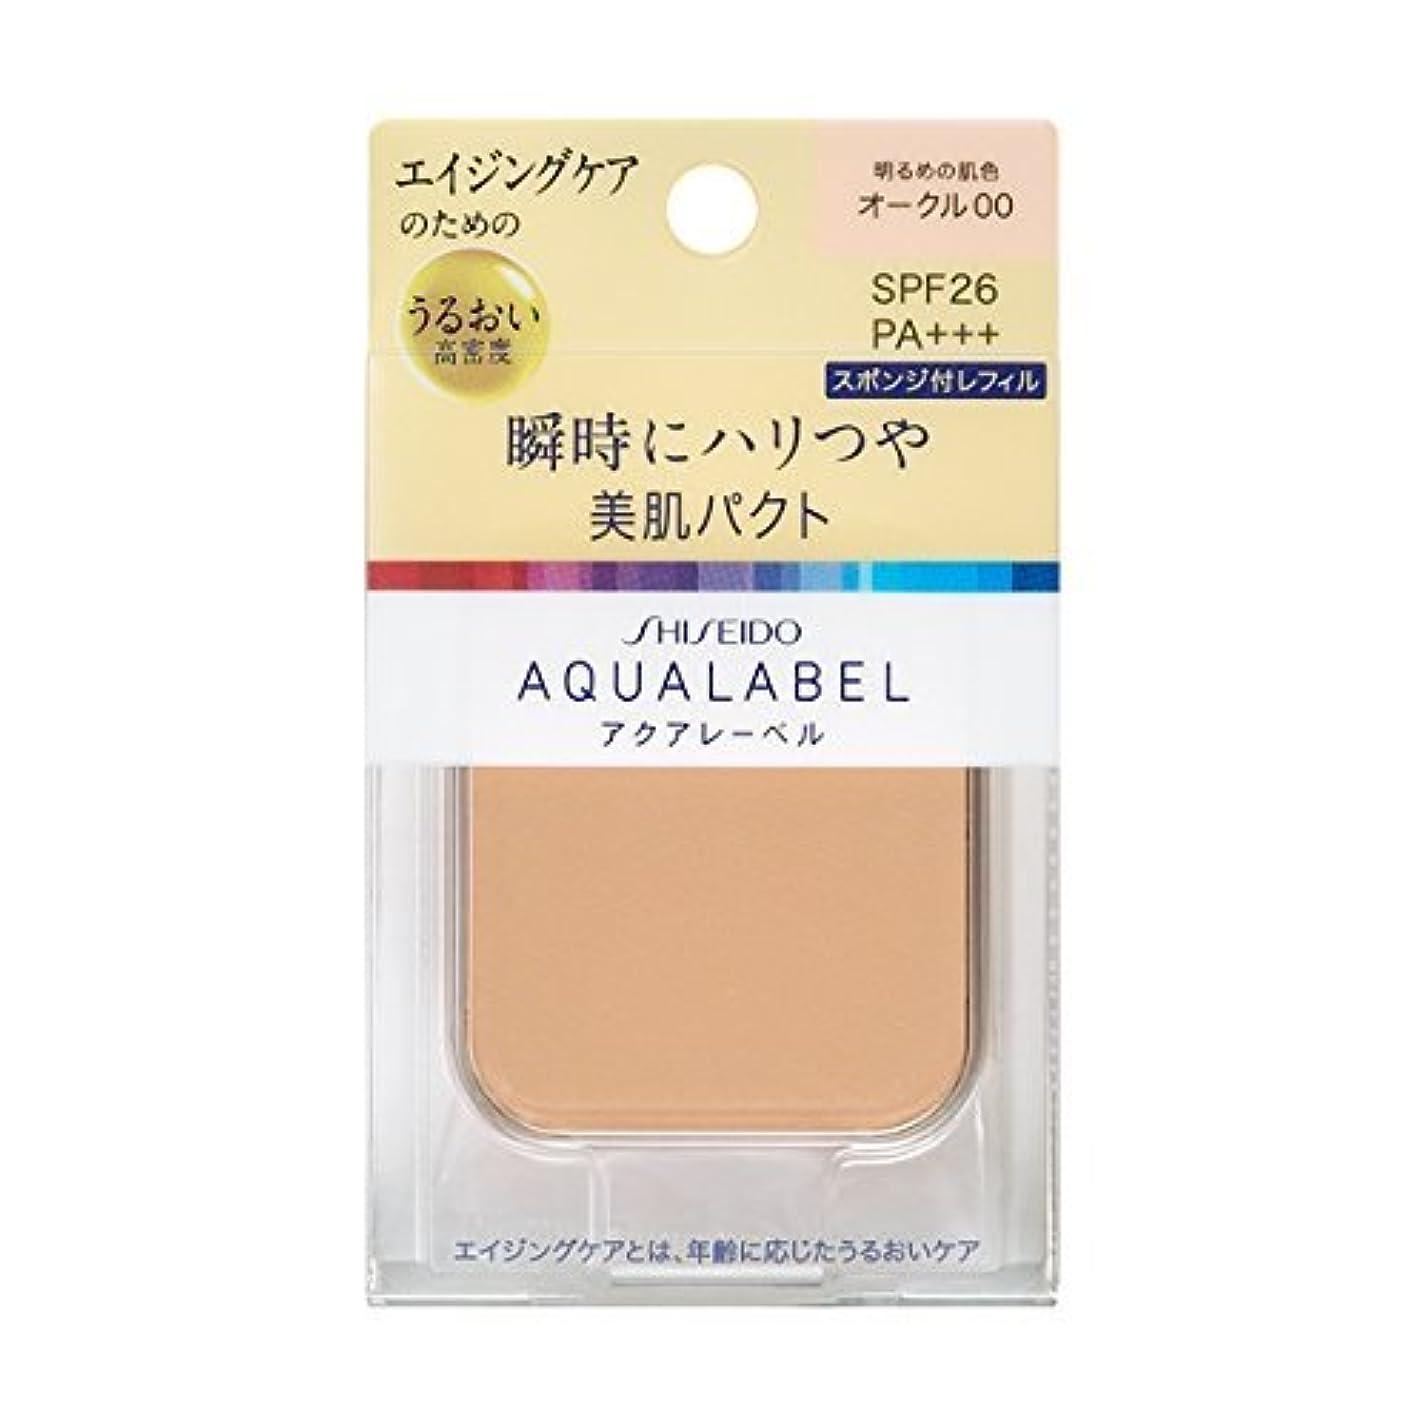 ブローホール染色必要ないアクアレーベル 明るいつや肌パクト オークル00 (レフィル) 11.5g×6個